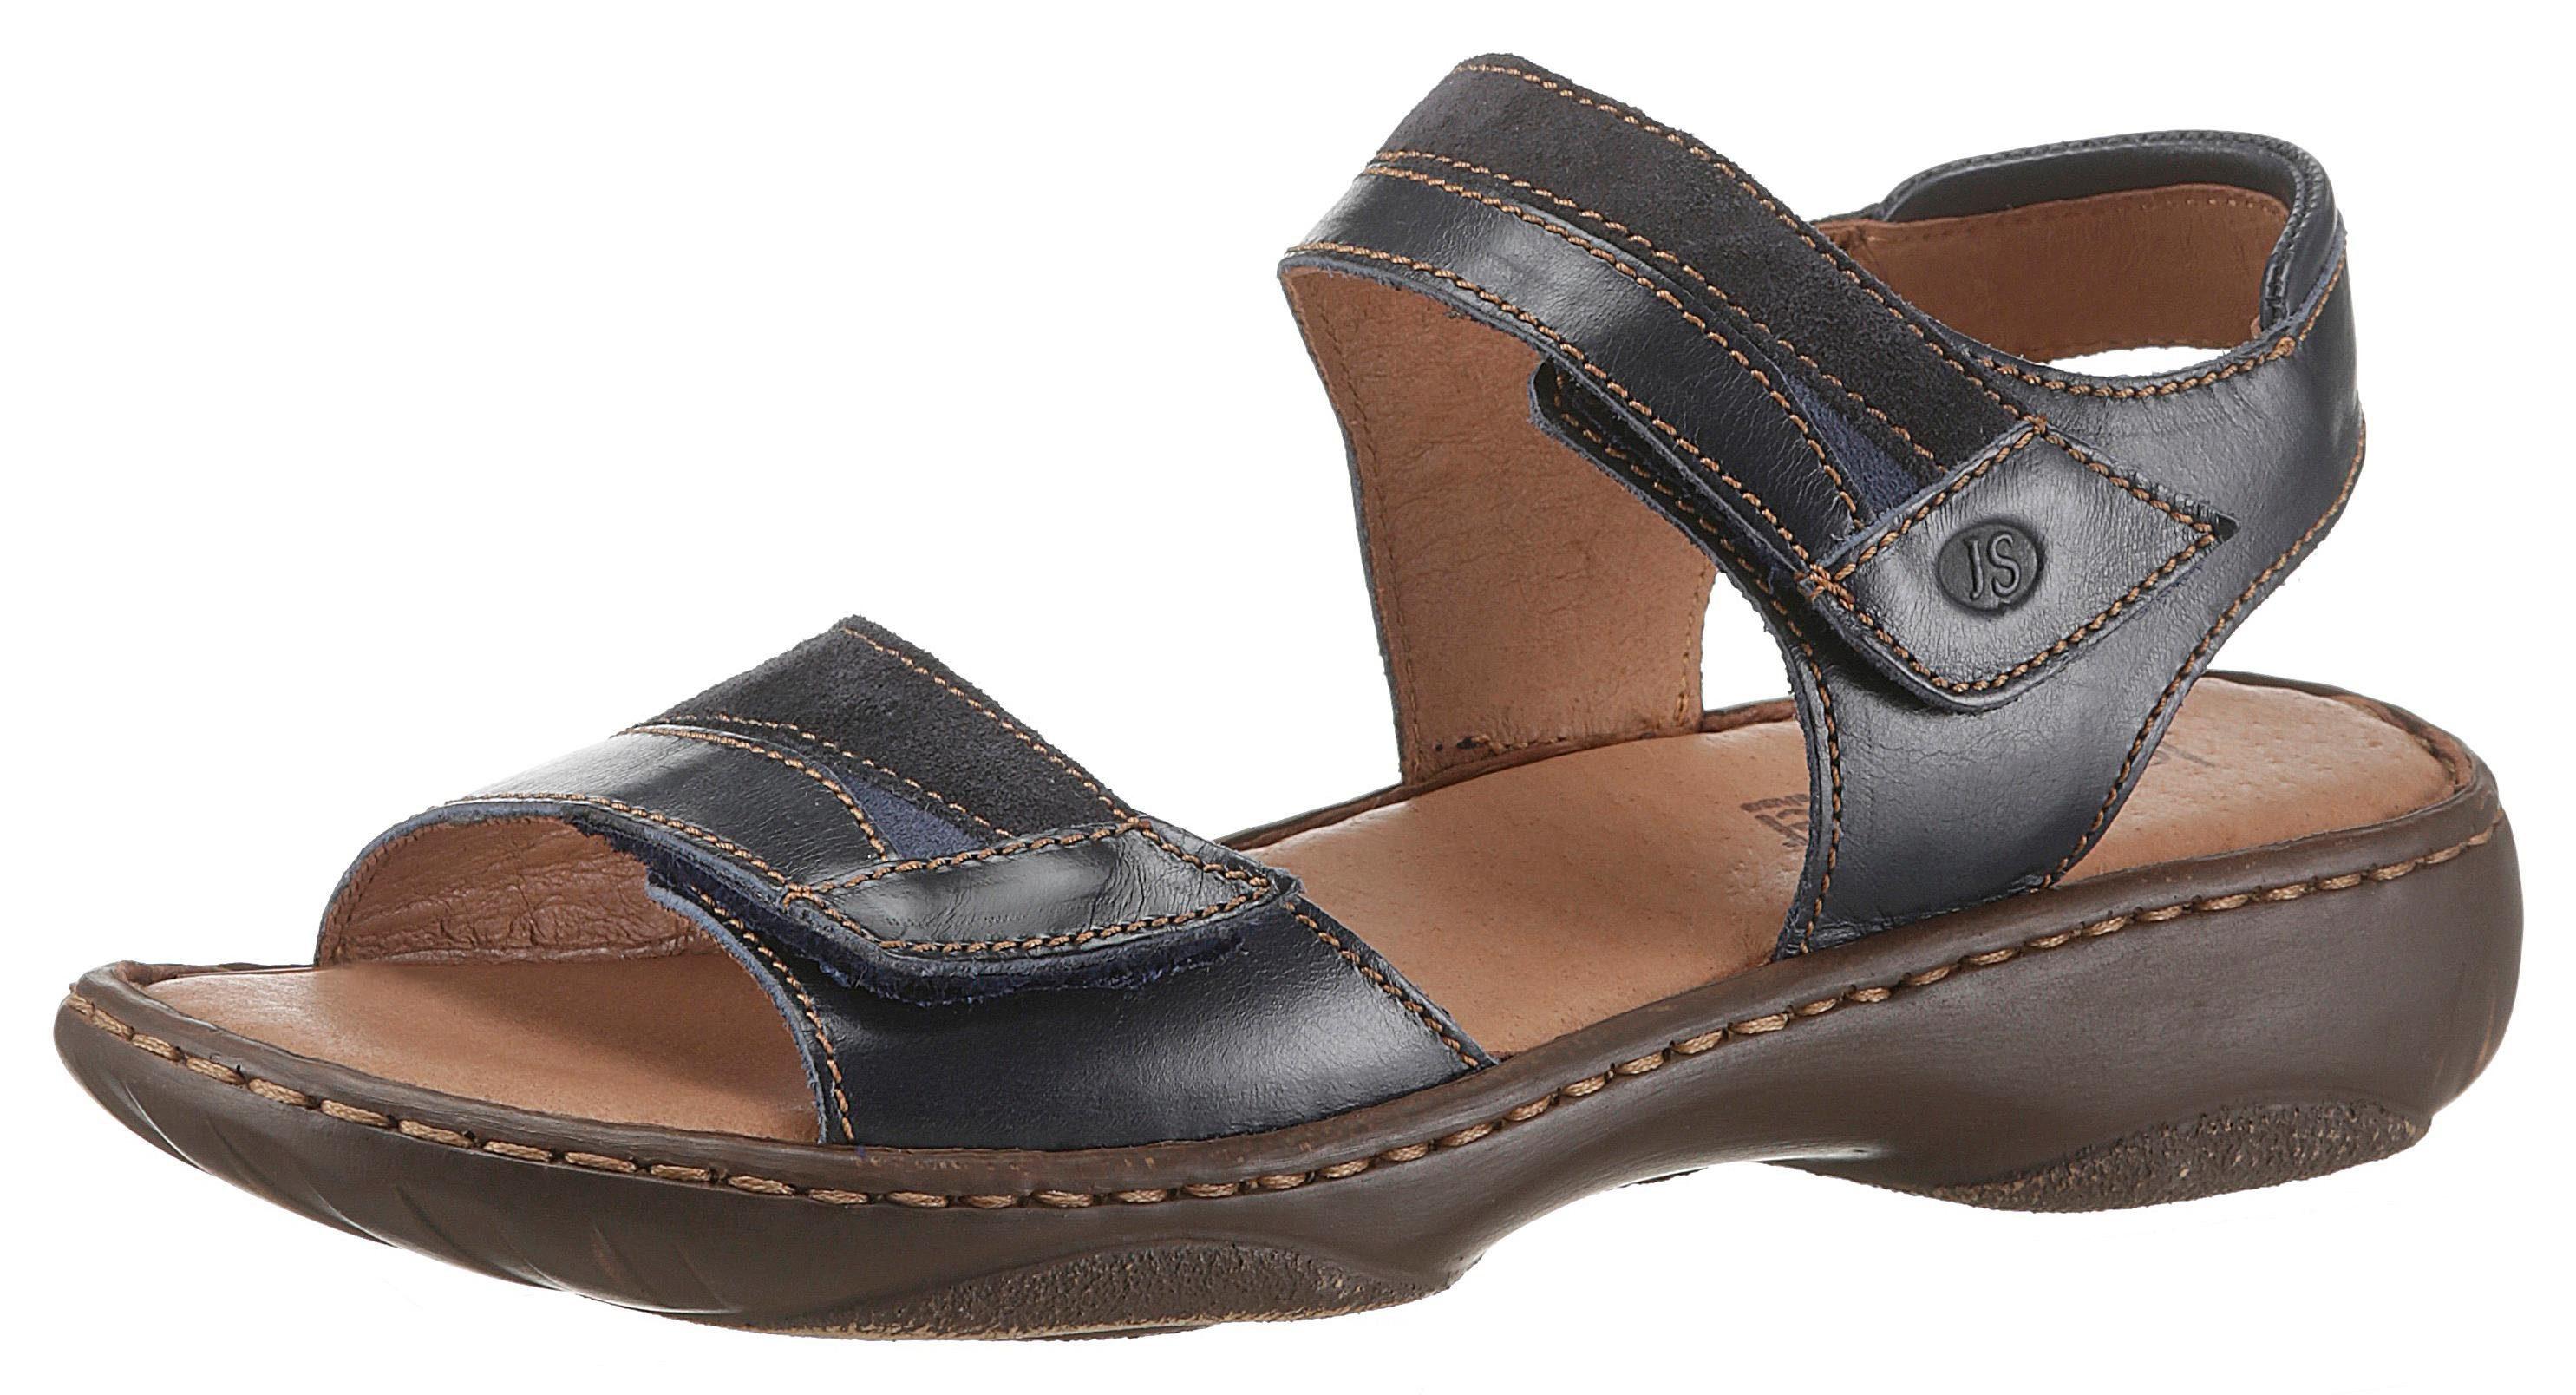 Josef Seibel »Debra« Sandale mit praktischen Klettverschlüssen